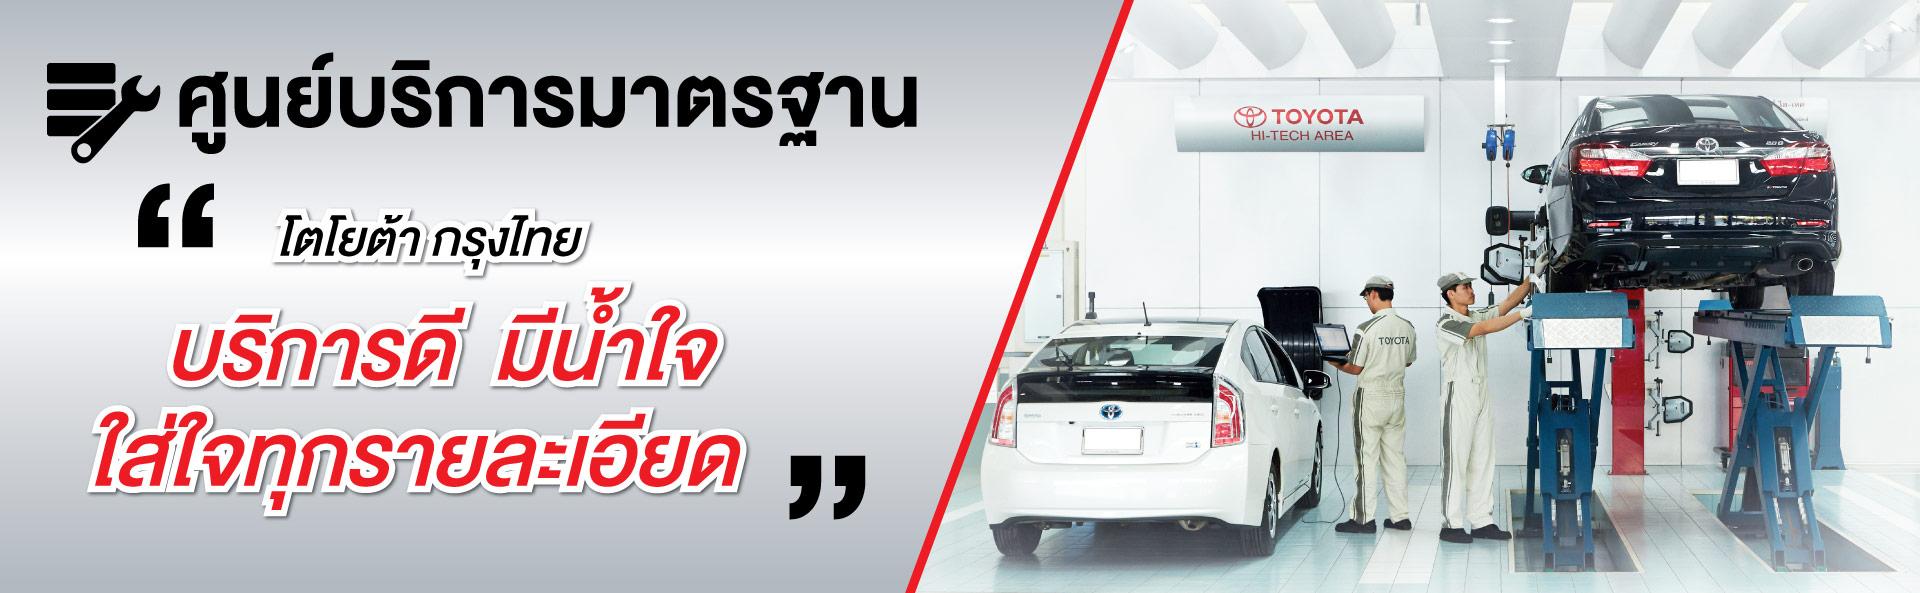 ศูนย์บริการมาตรฐาน และอะไหร่ โตโยต้า กรุงไทย_banner